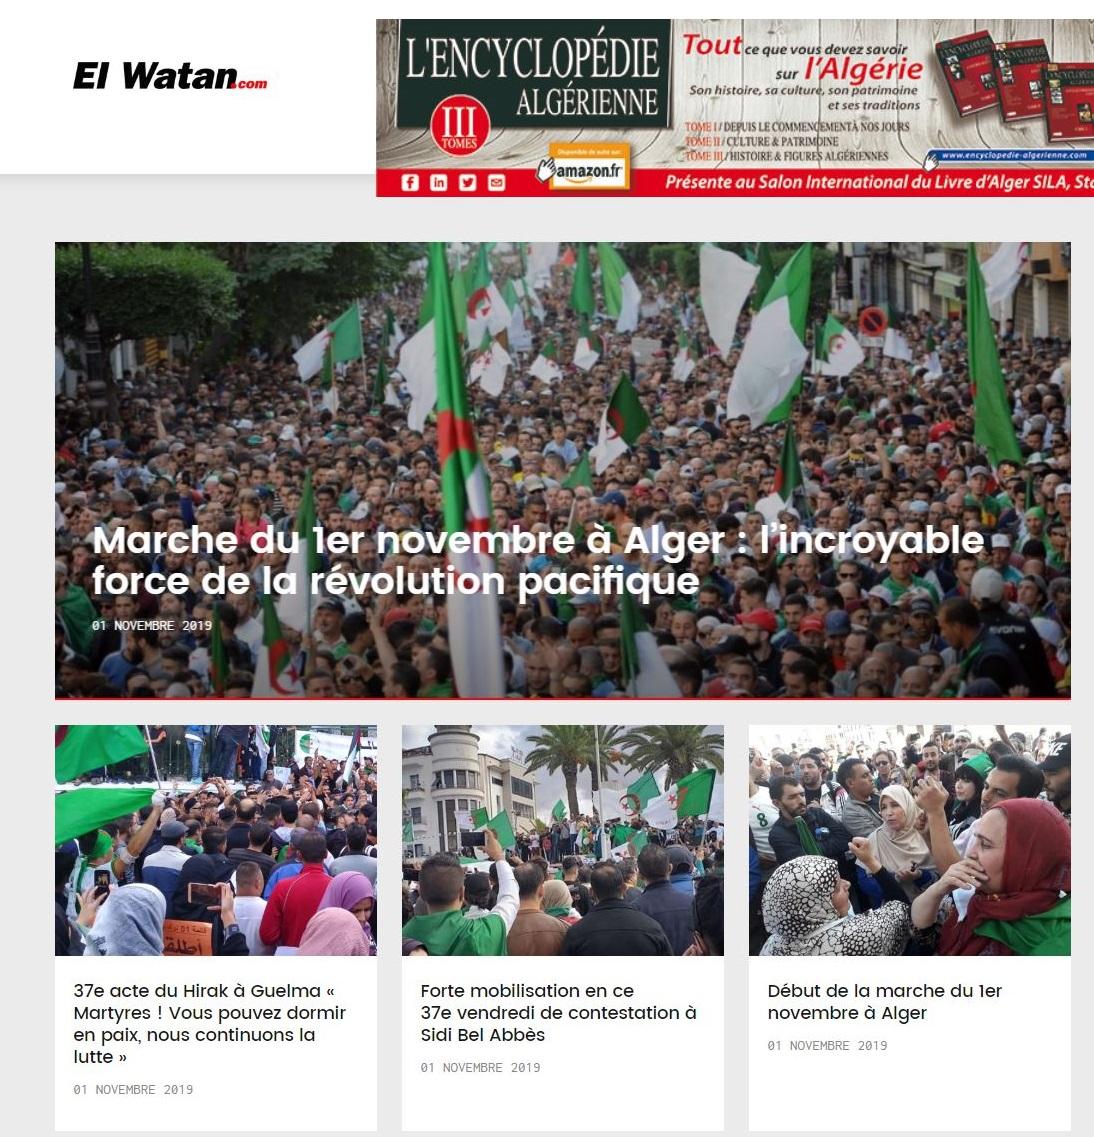 アルジェリアのフランス語紙エルワタンが伝える11月1日のデモ